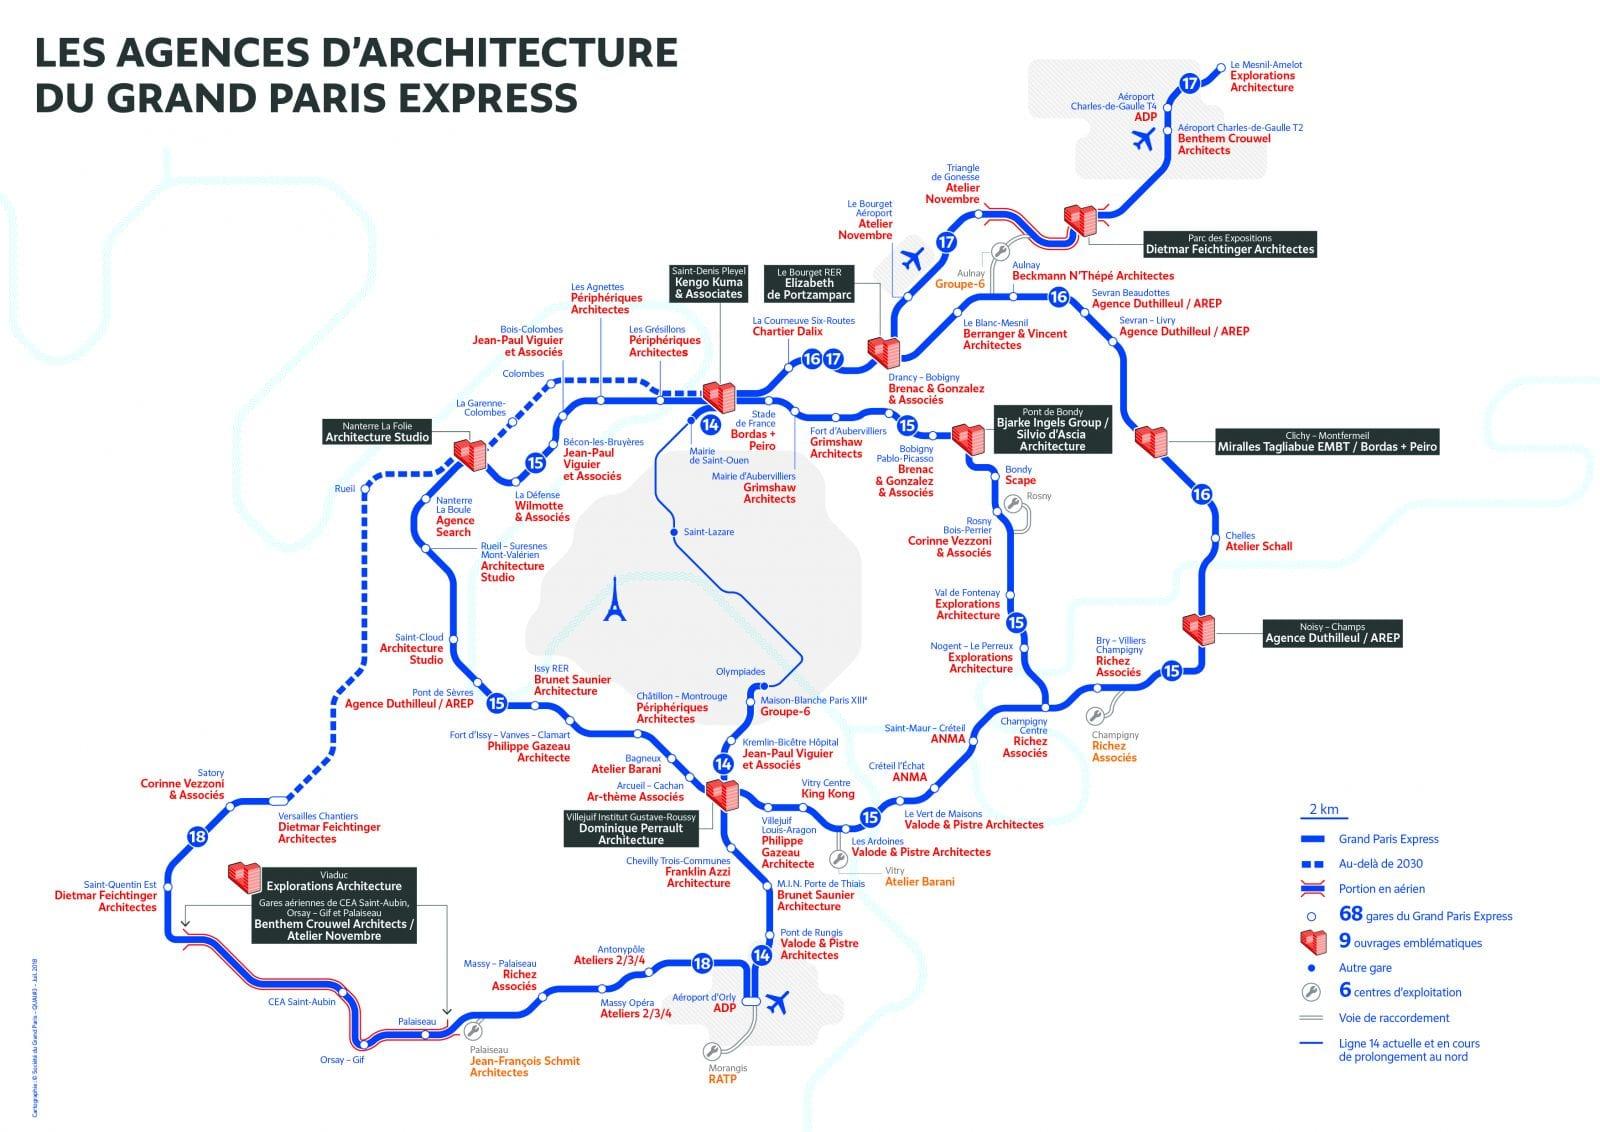 Grand Paris Express: Übersicht mit ausgewählten Architekturprojekten und Architekturbüros, Stand Sommer 2018 (Grafik: Société du Grand Paris)